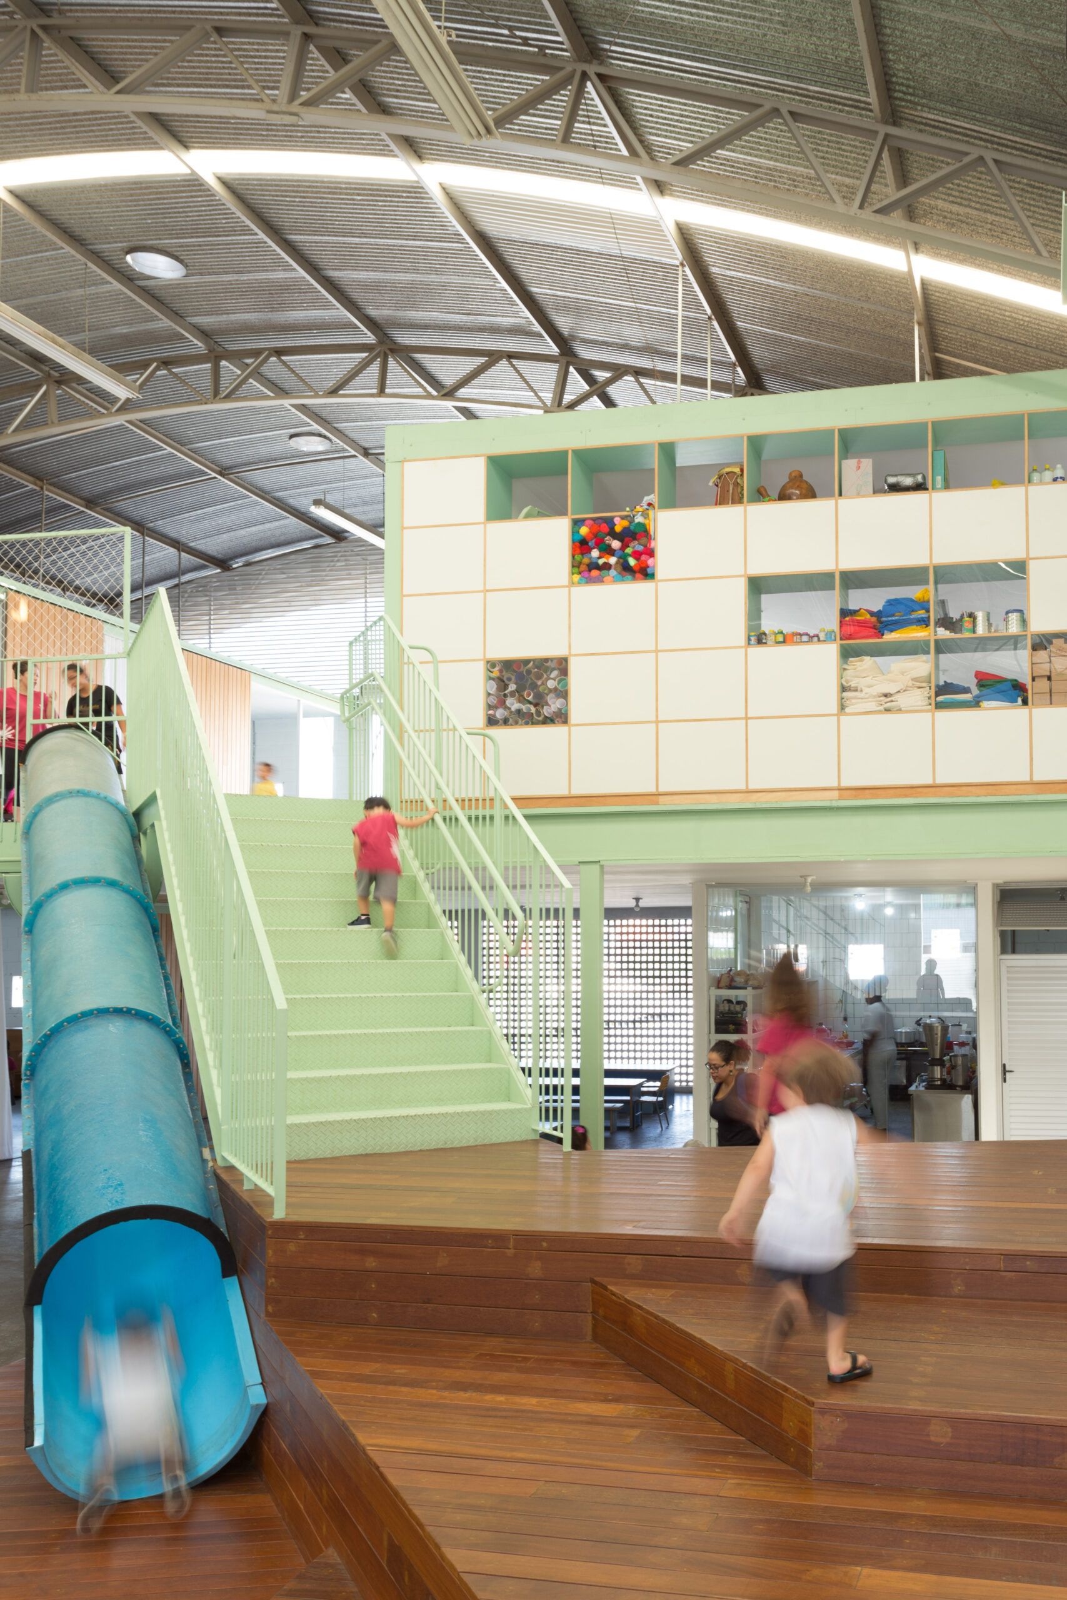 Escola infantil Arquitetura Escolar Casa Fundamental projeto arquitetônico Gabriel Castro reforma